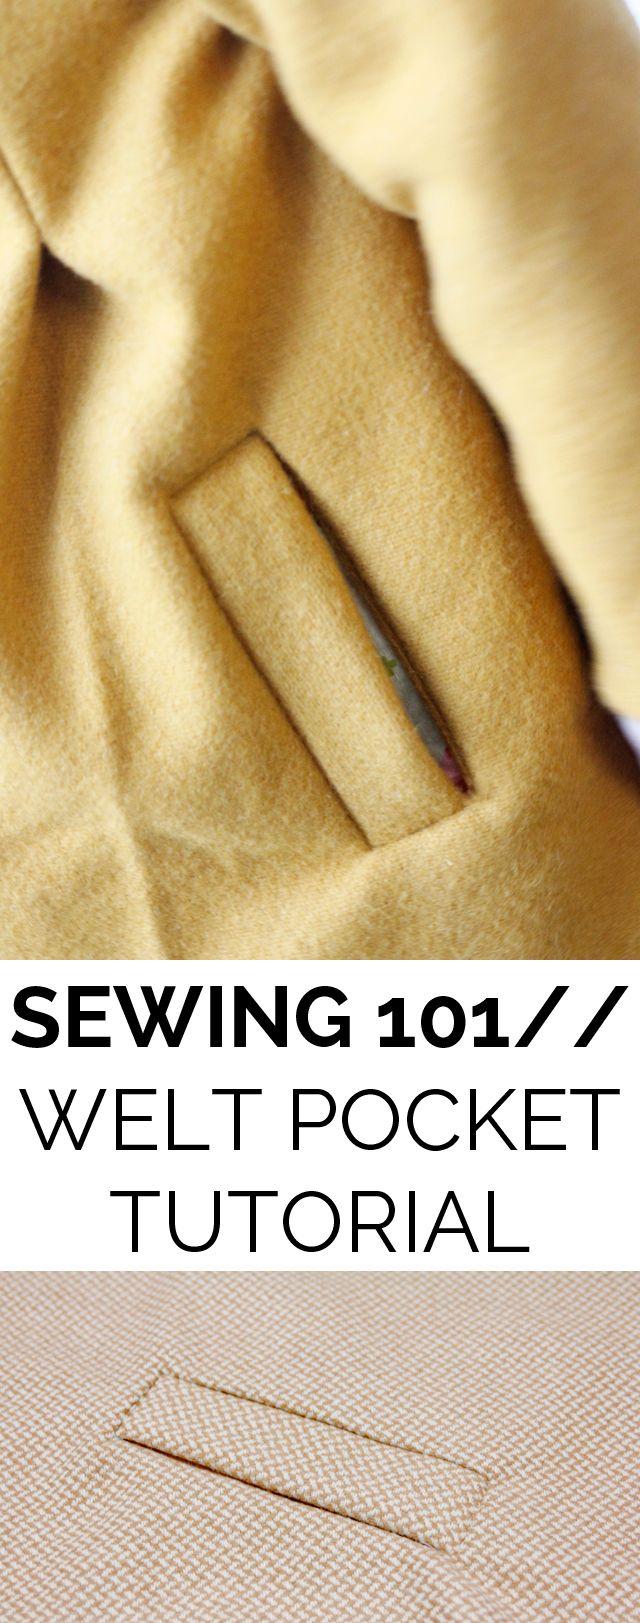 Sewing 101: Welt Pocket Tutorial